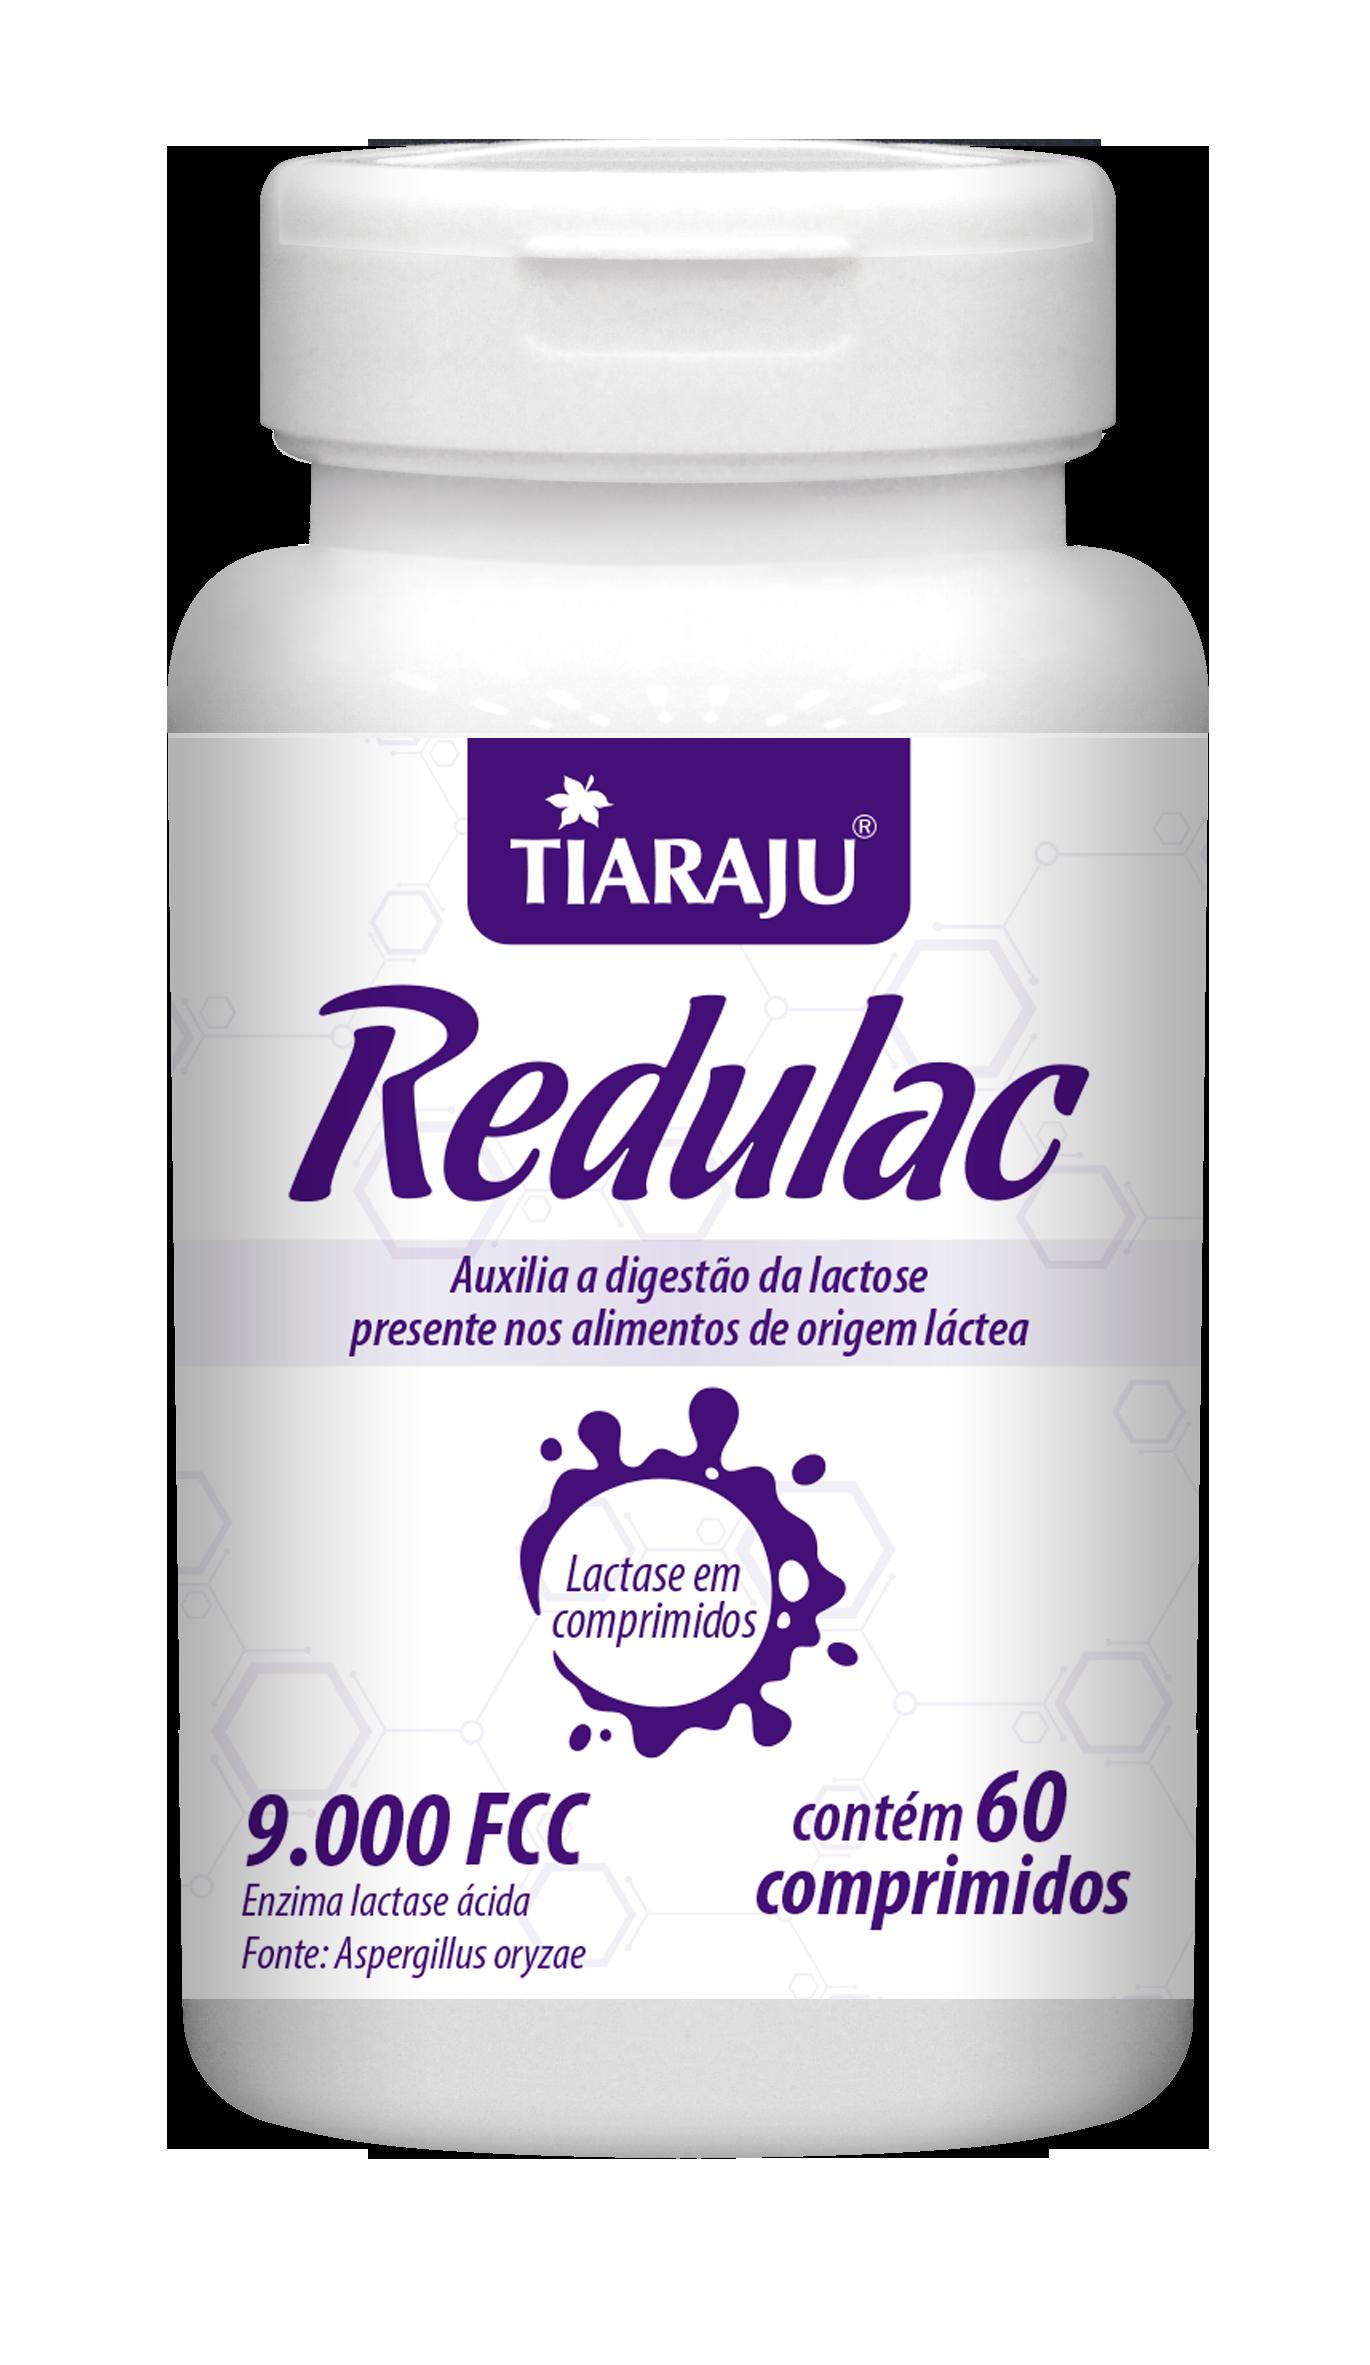 Redulac